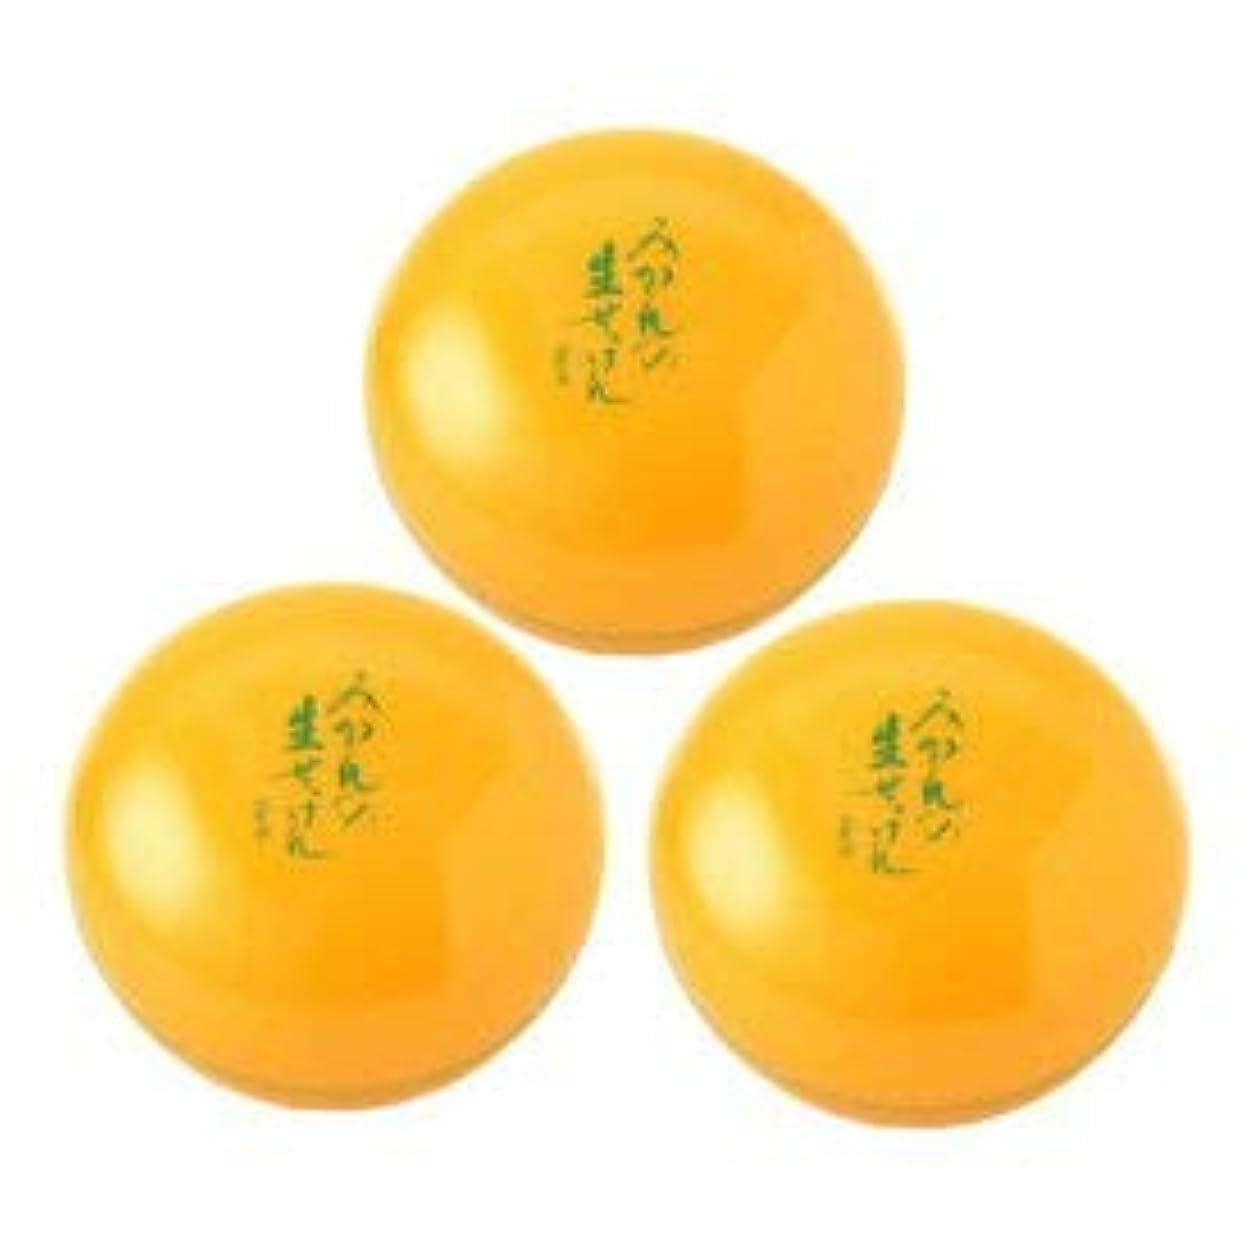 バイソン打ち負かすリンケージUYEKI美香柑みかんの生せっけん50g×3個セット